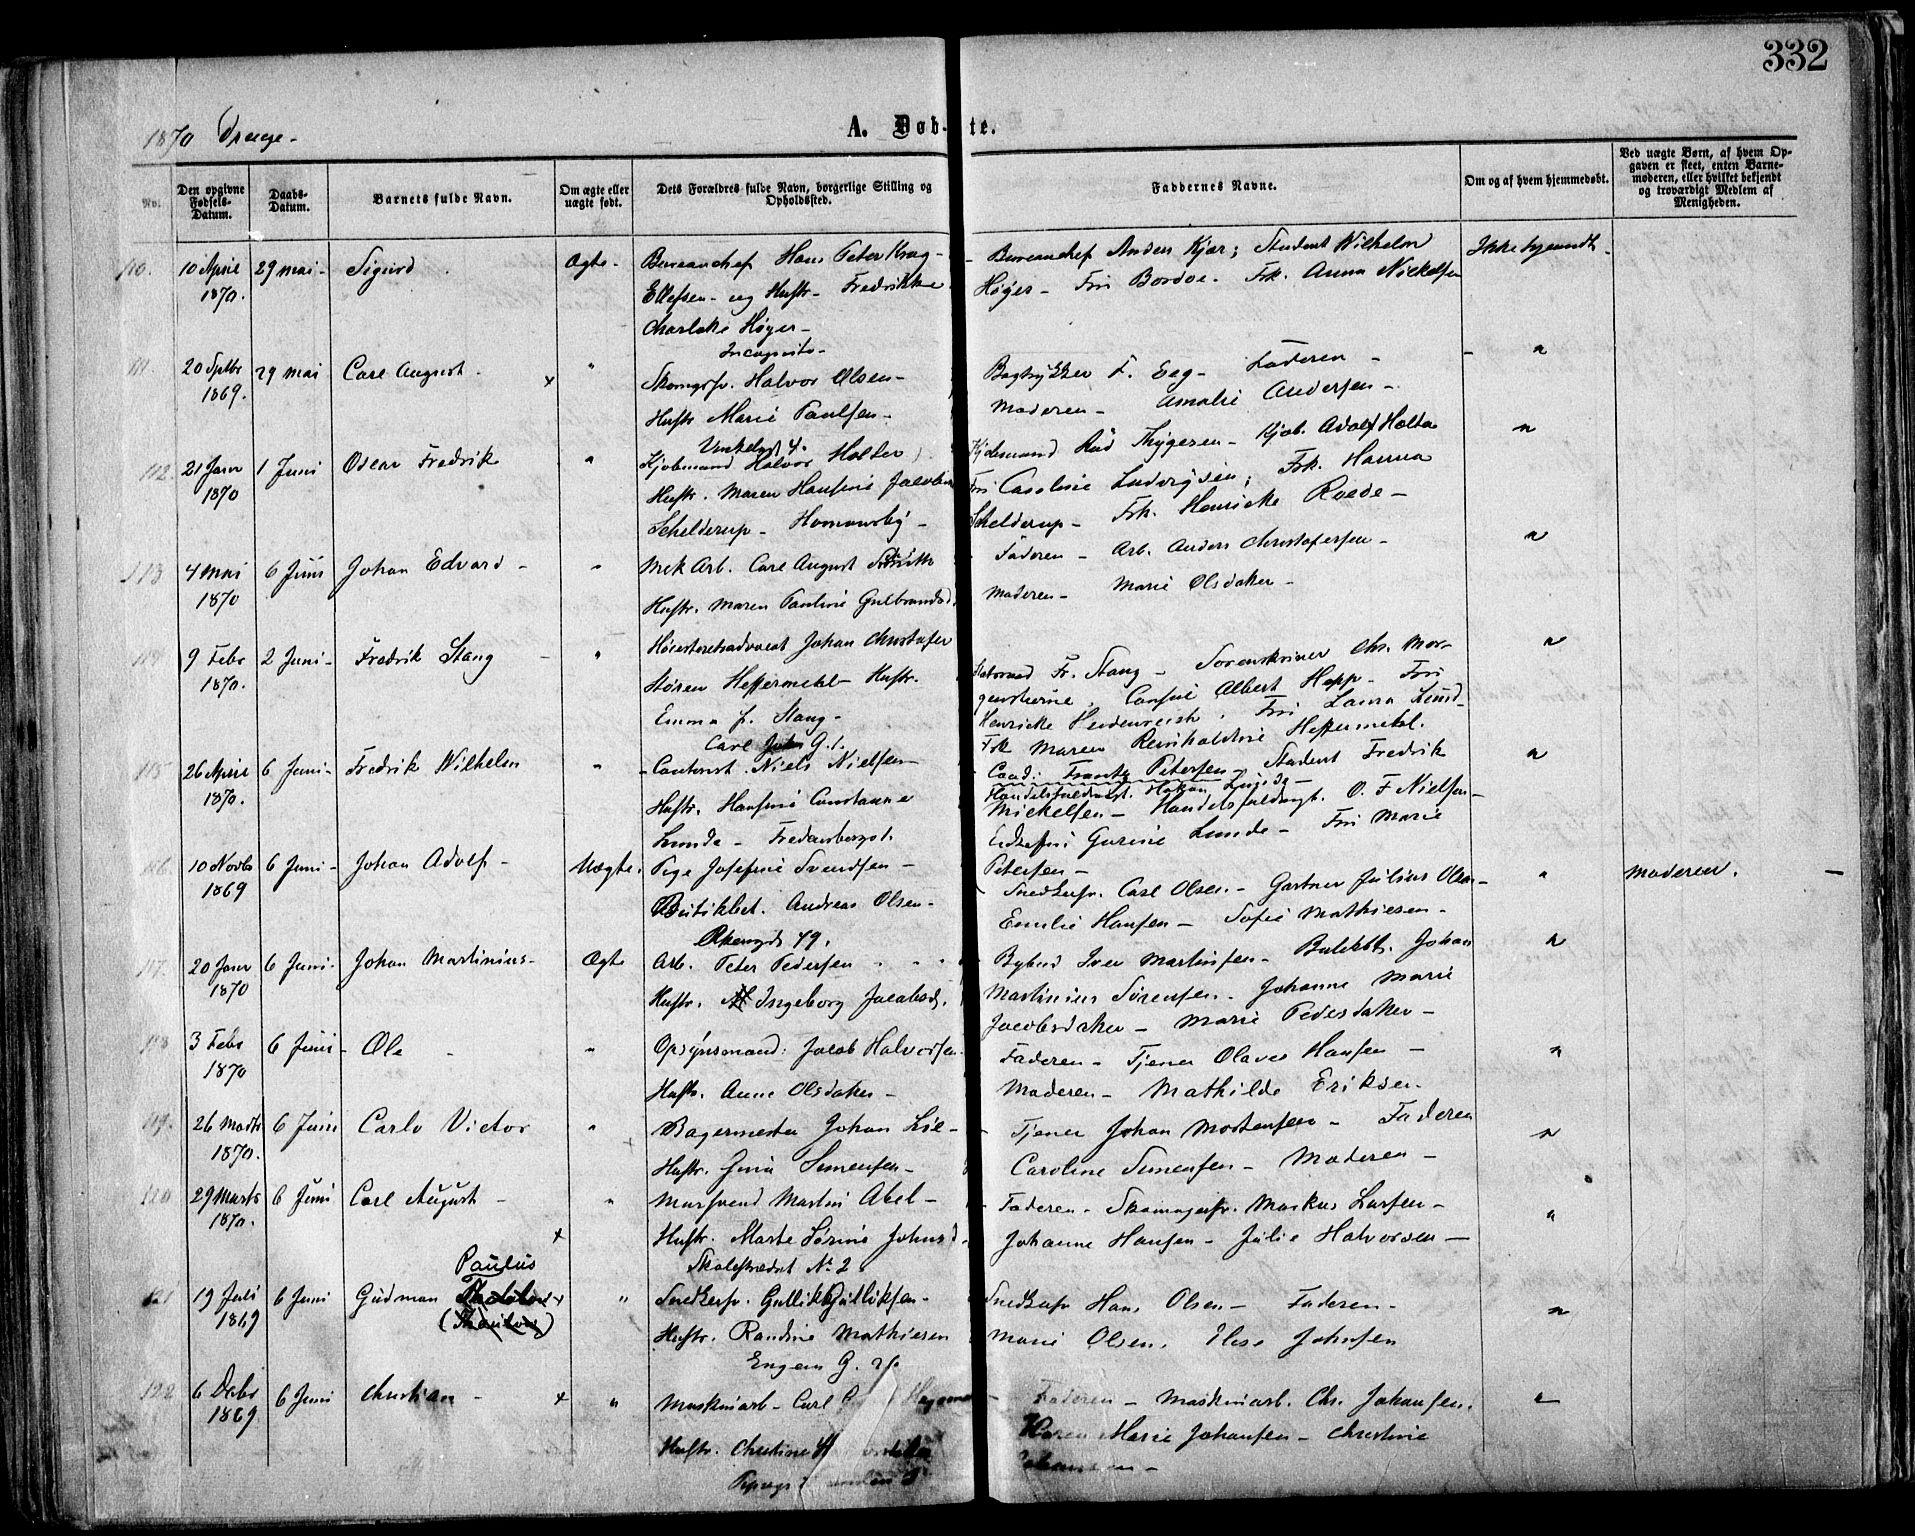 SAO, Trefoldighet prestekontor Kirkebøker, F/Fa/L0002: Ministerialbok nr. I 2, 1863-1870, s. 332